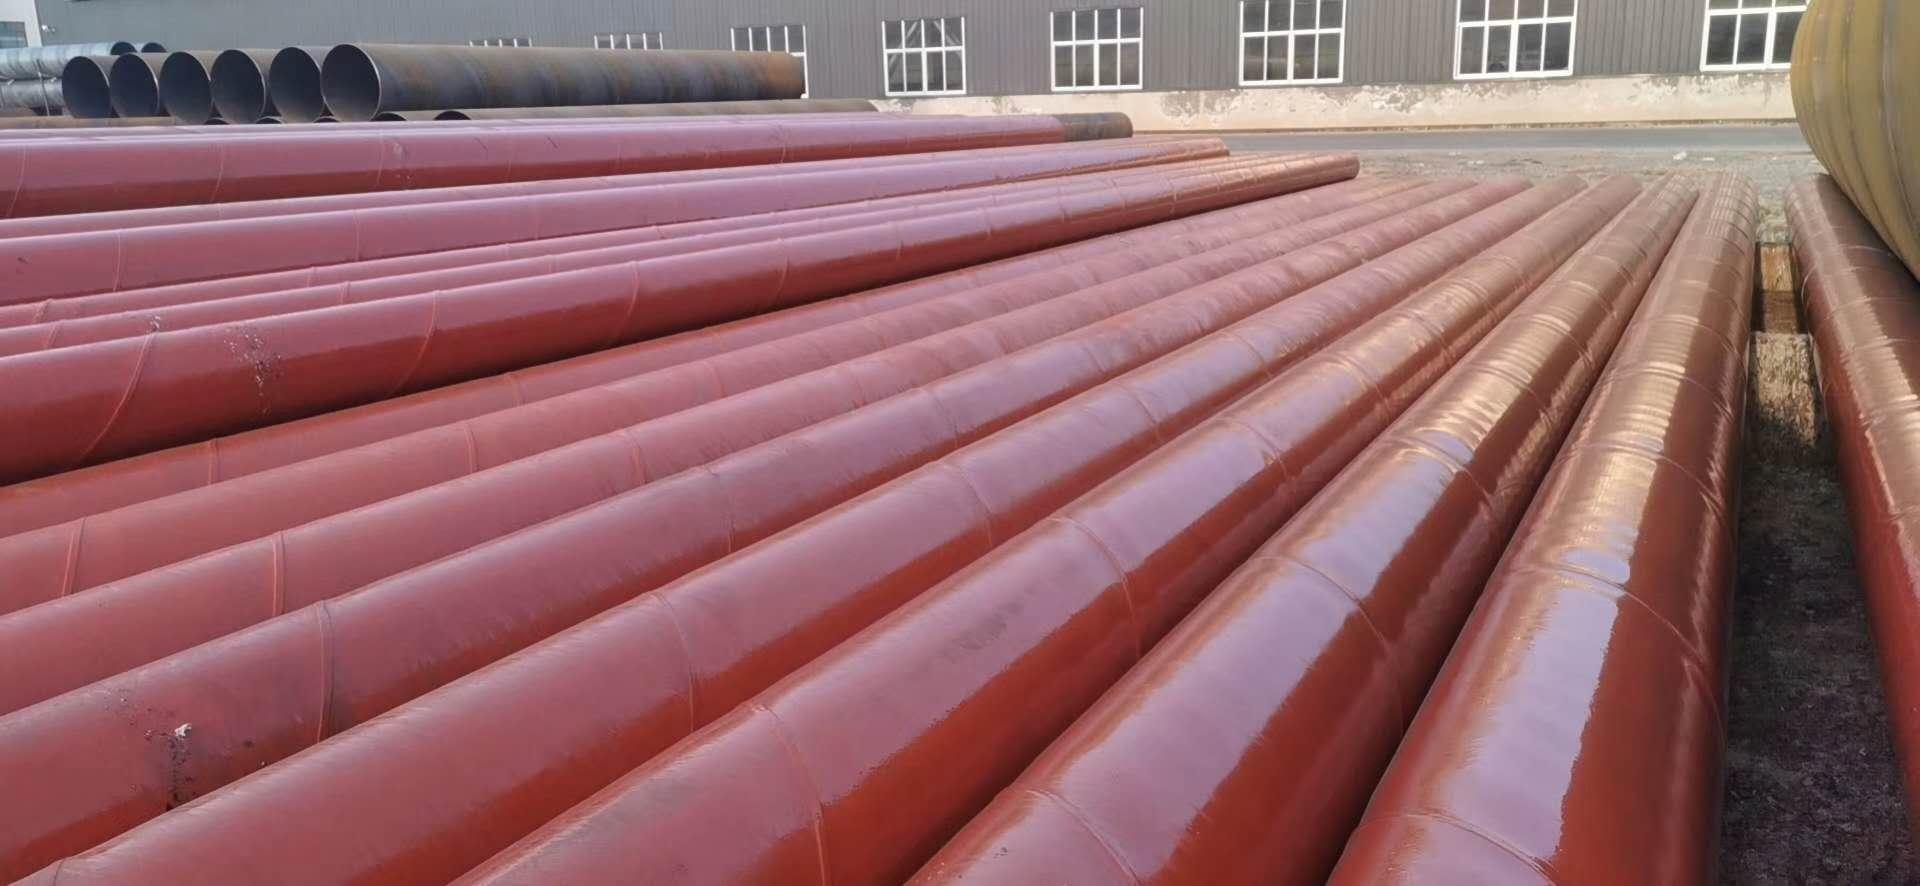 临沂郯城防腐钢管制造厂家--龙头企业